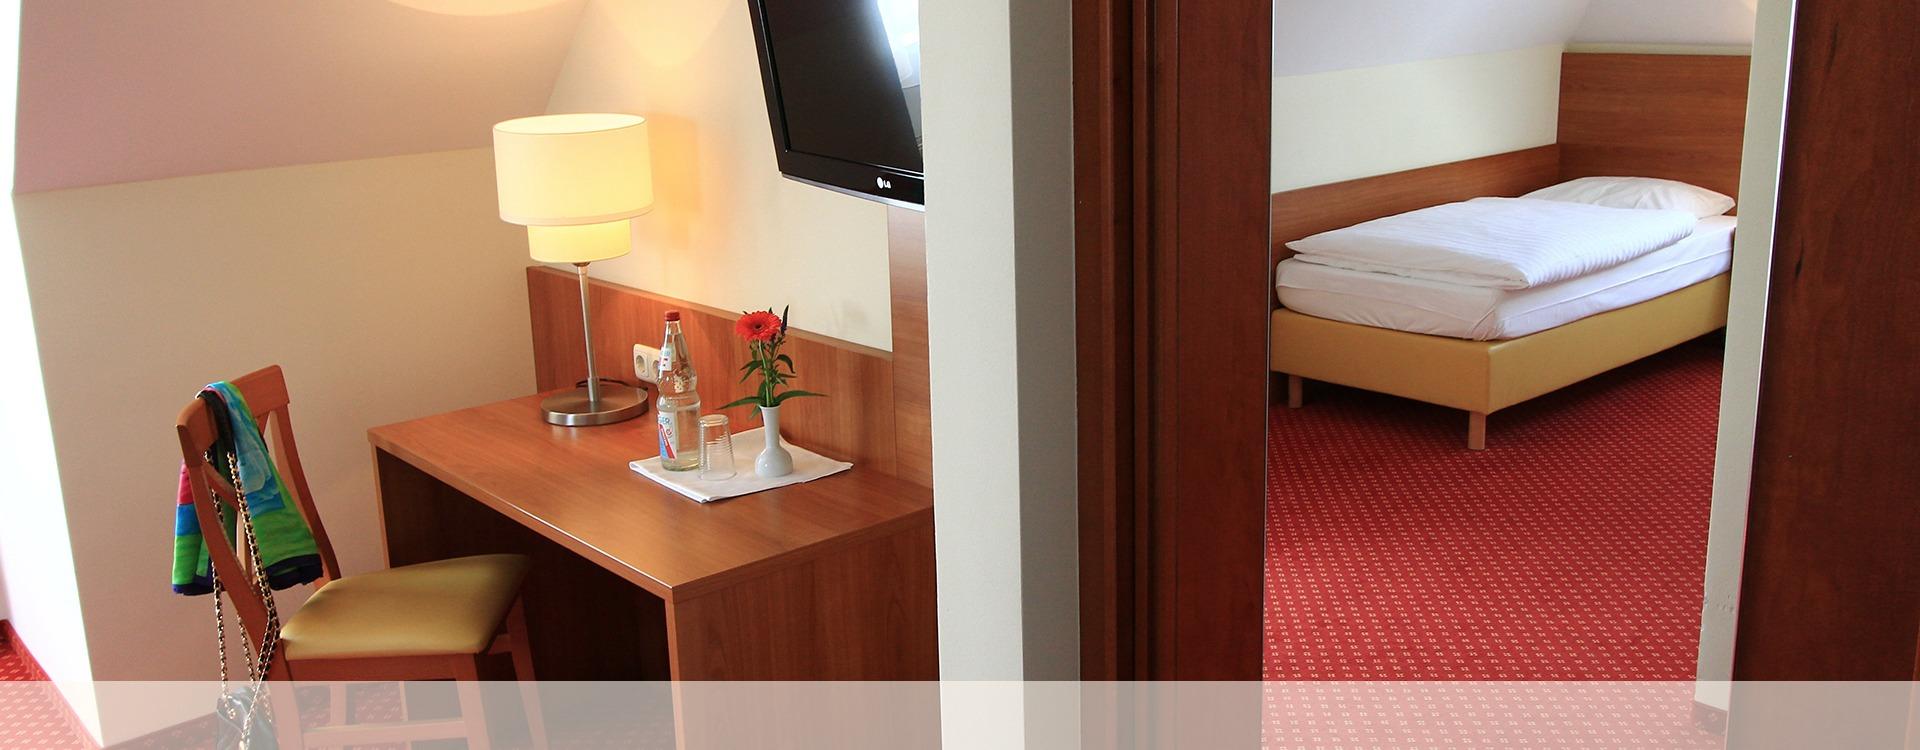 Hotel Eichenau Einzelzimmer mit Schreibtisch und Flachbildschirm